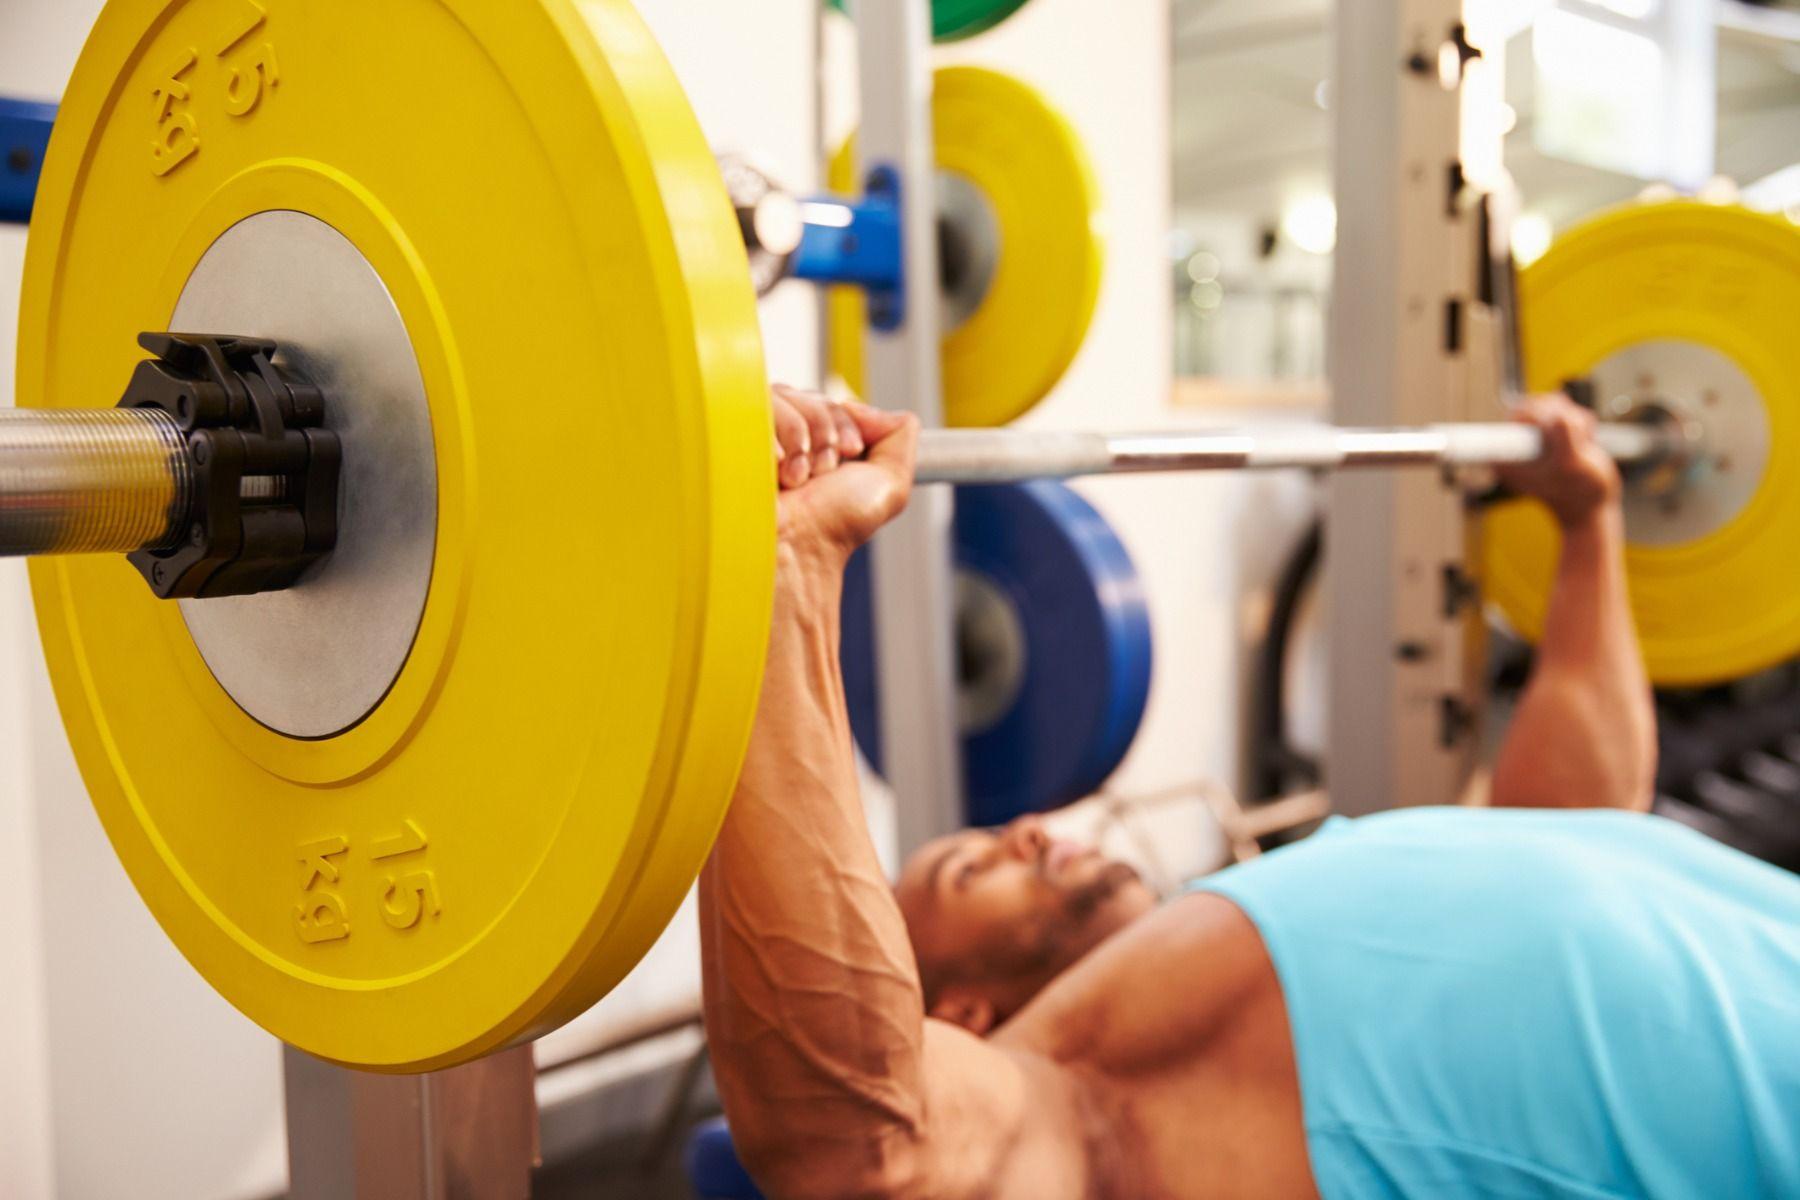 fekvenyomás - a legjobb gyakorlat a test formálására